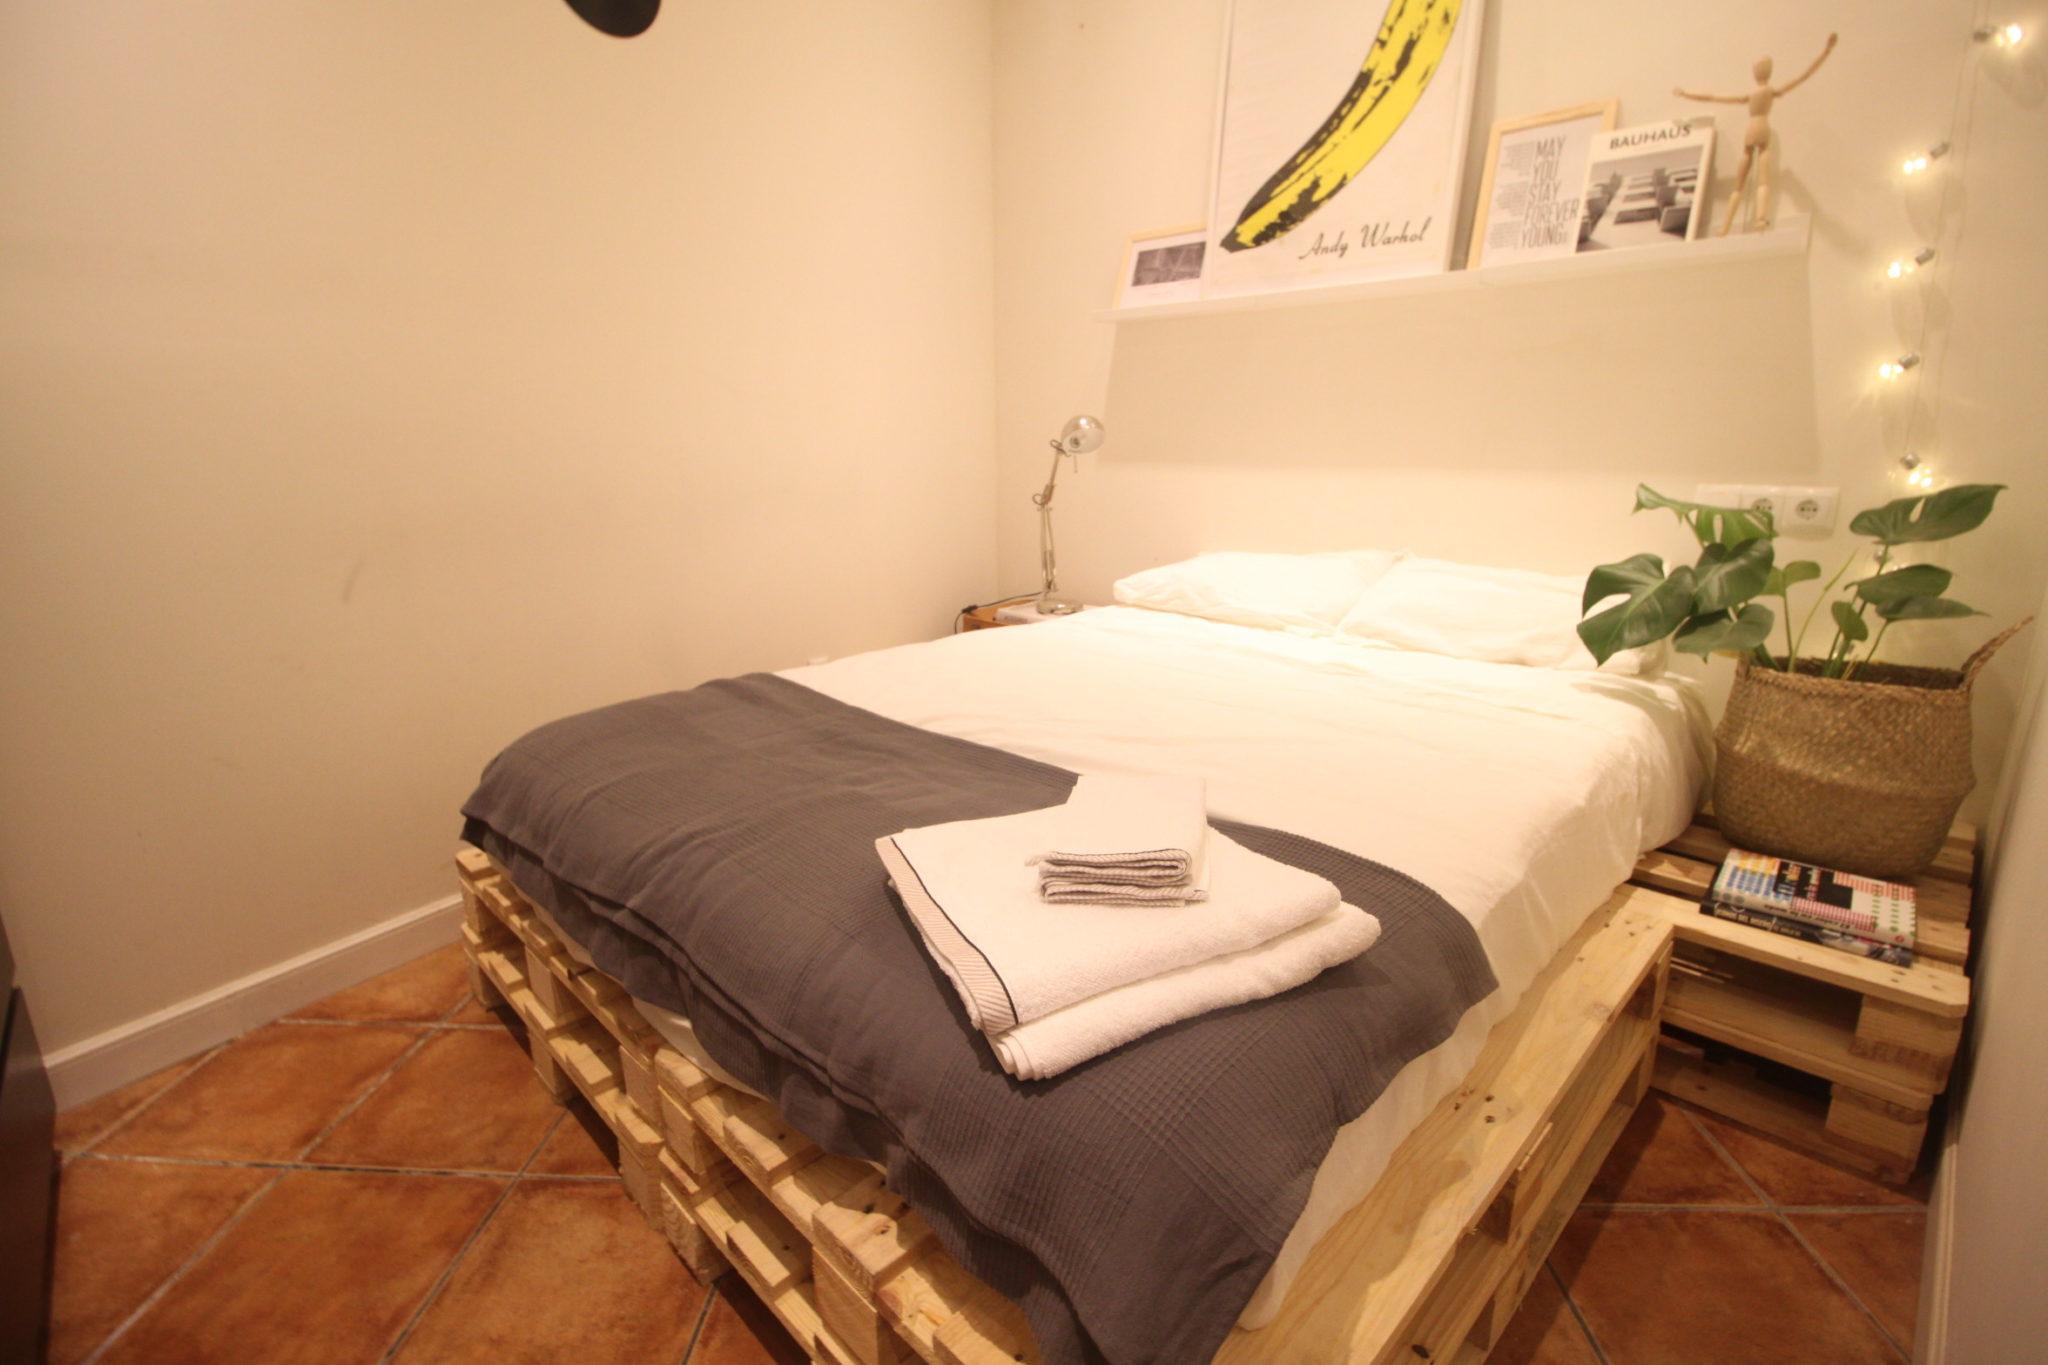 Inmobiliaria Casco Viejo Bilbao - Gestión de vivienda turística en Bilbao